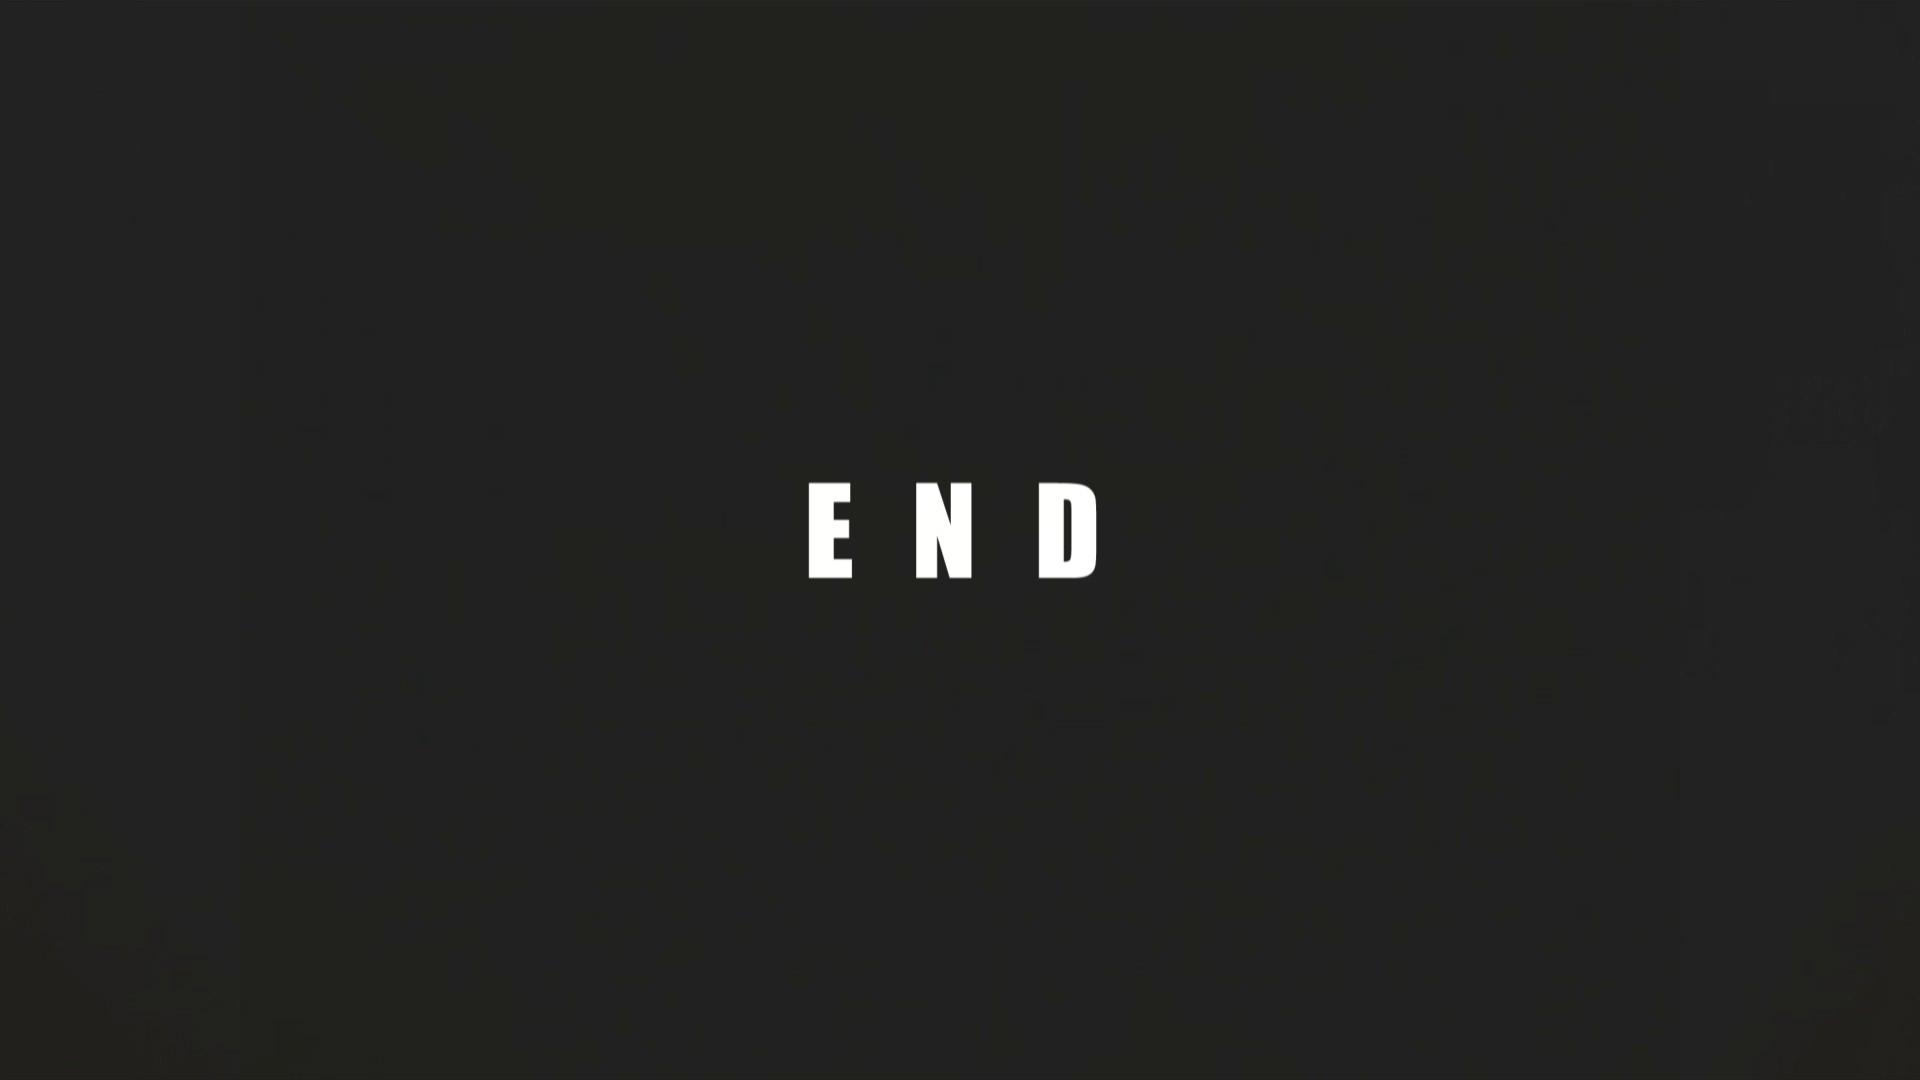 至高下半身盗撮-PREMIUM-【院内病棟編 】 vol.02 0   0  46画像 13